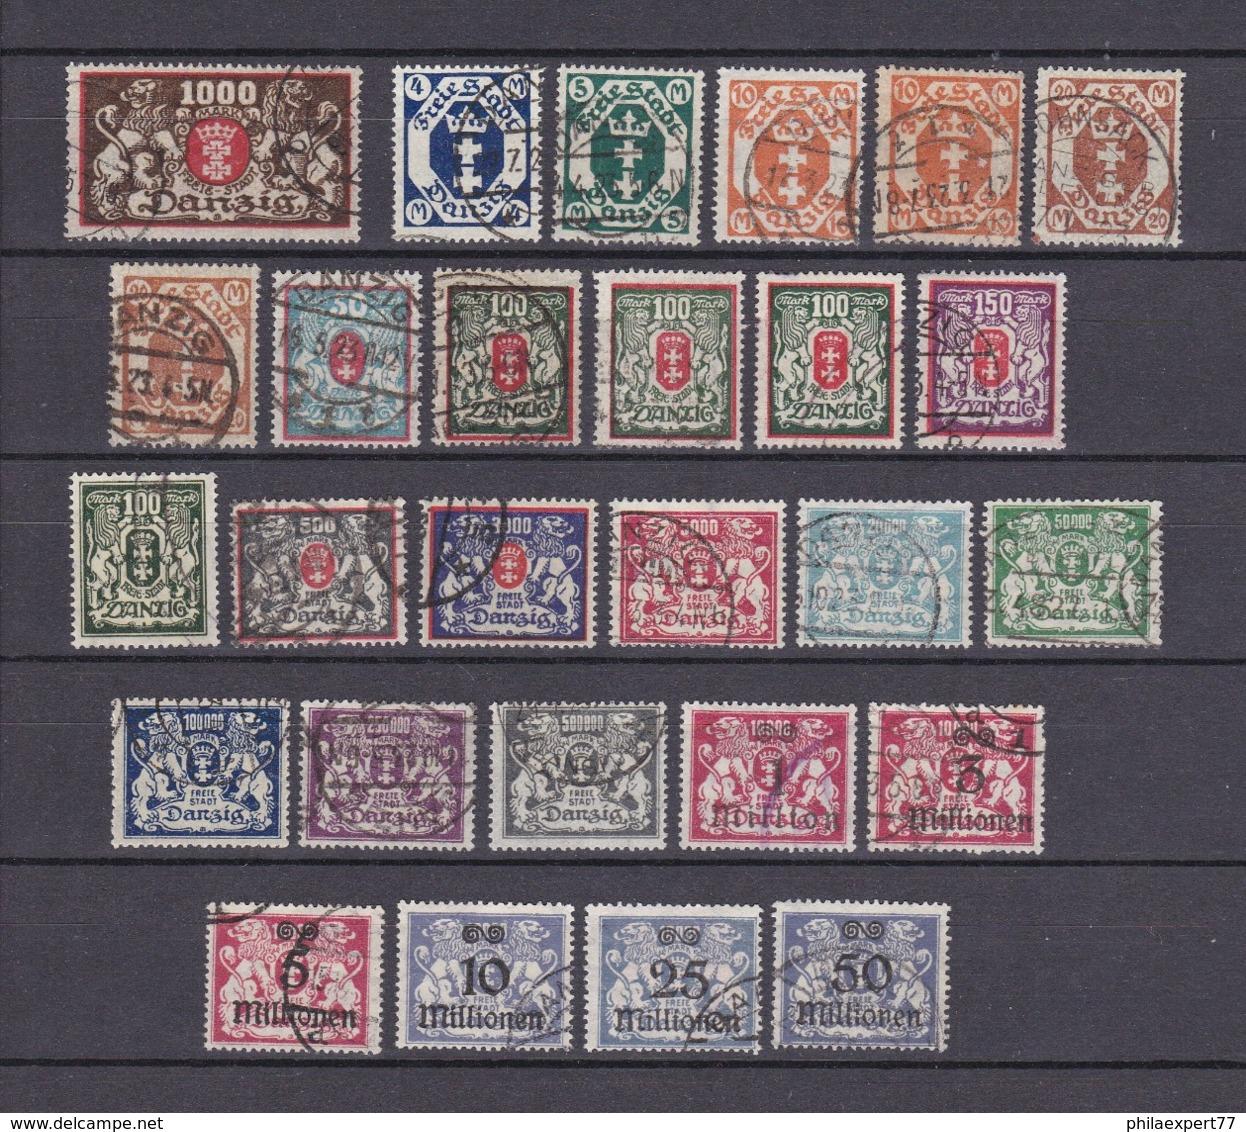 Danzig - 1923 - Sammlung - Gest. - 193 Euro - Danzig